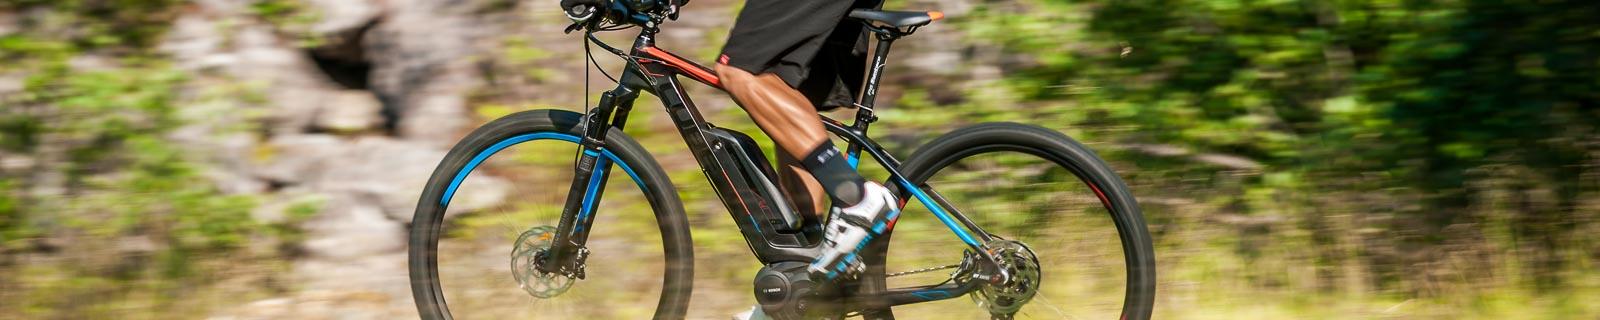 27,5 pulgadas E-Bici de Montaña Rígida (E-Mountainbike)